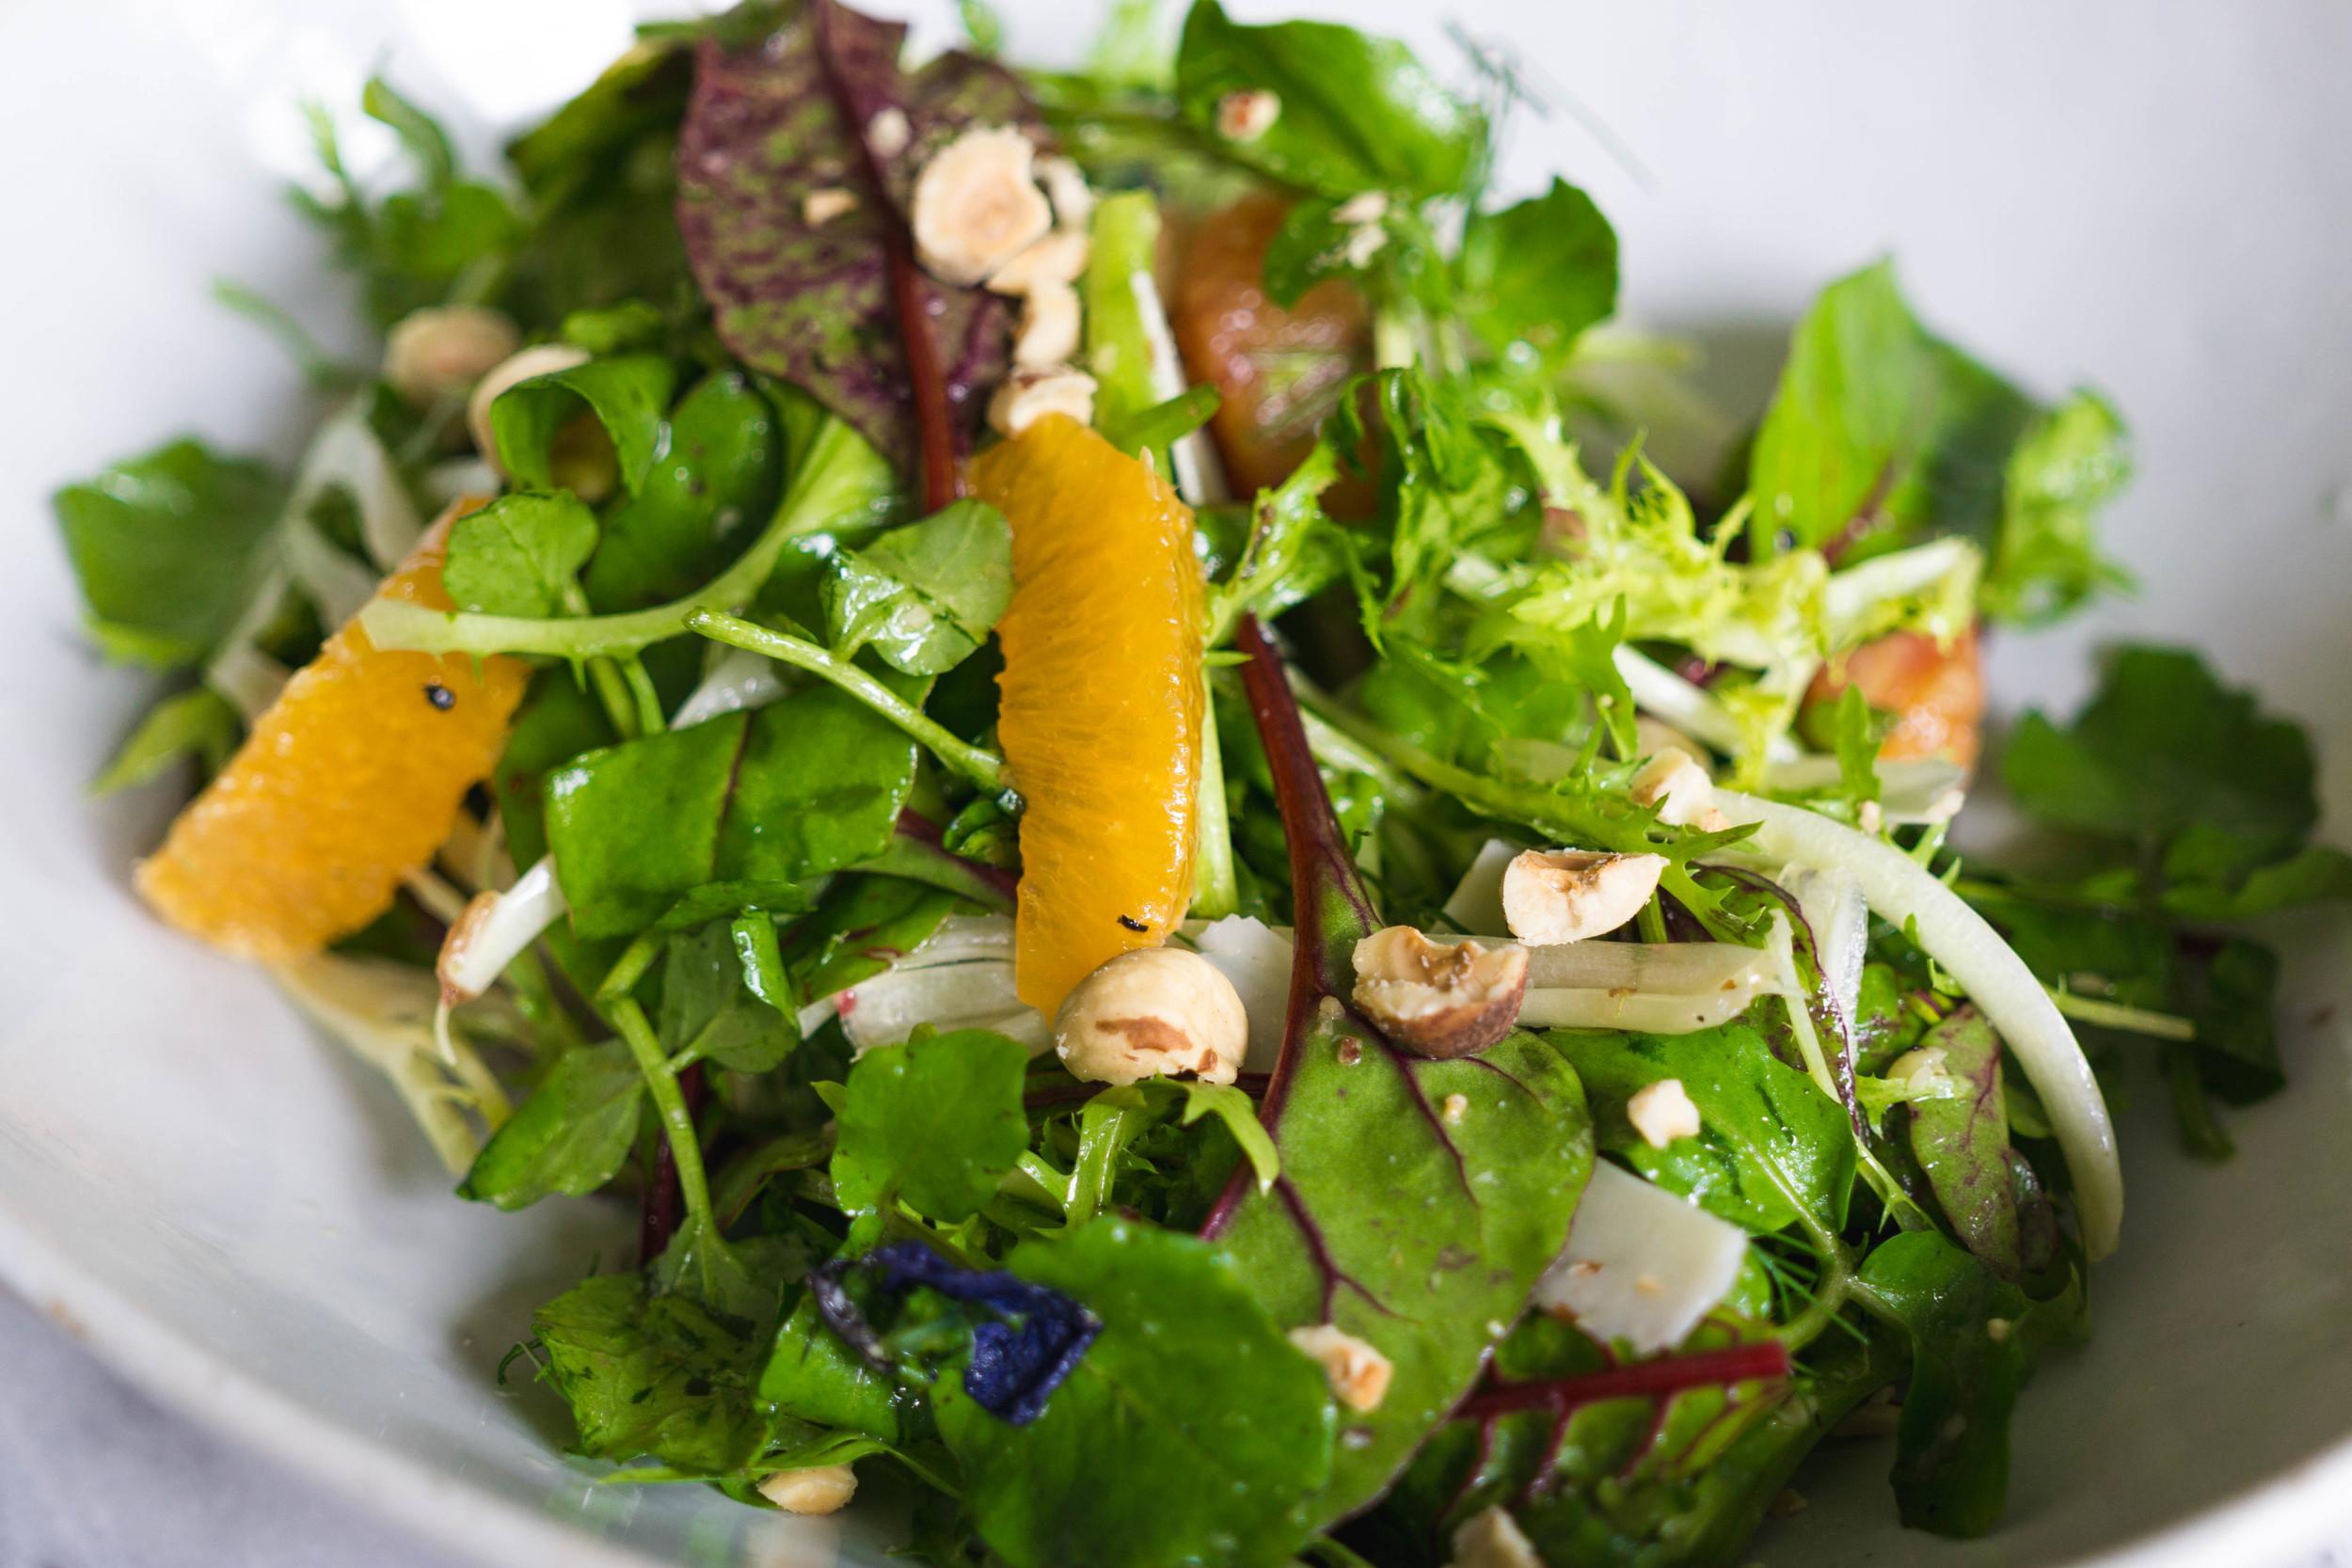 saladclose